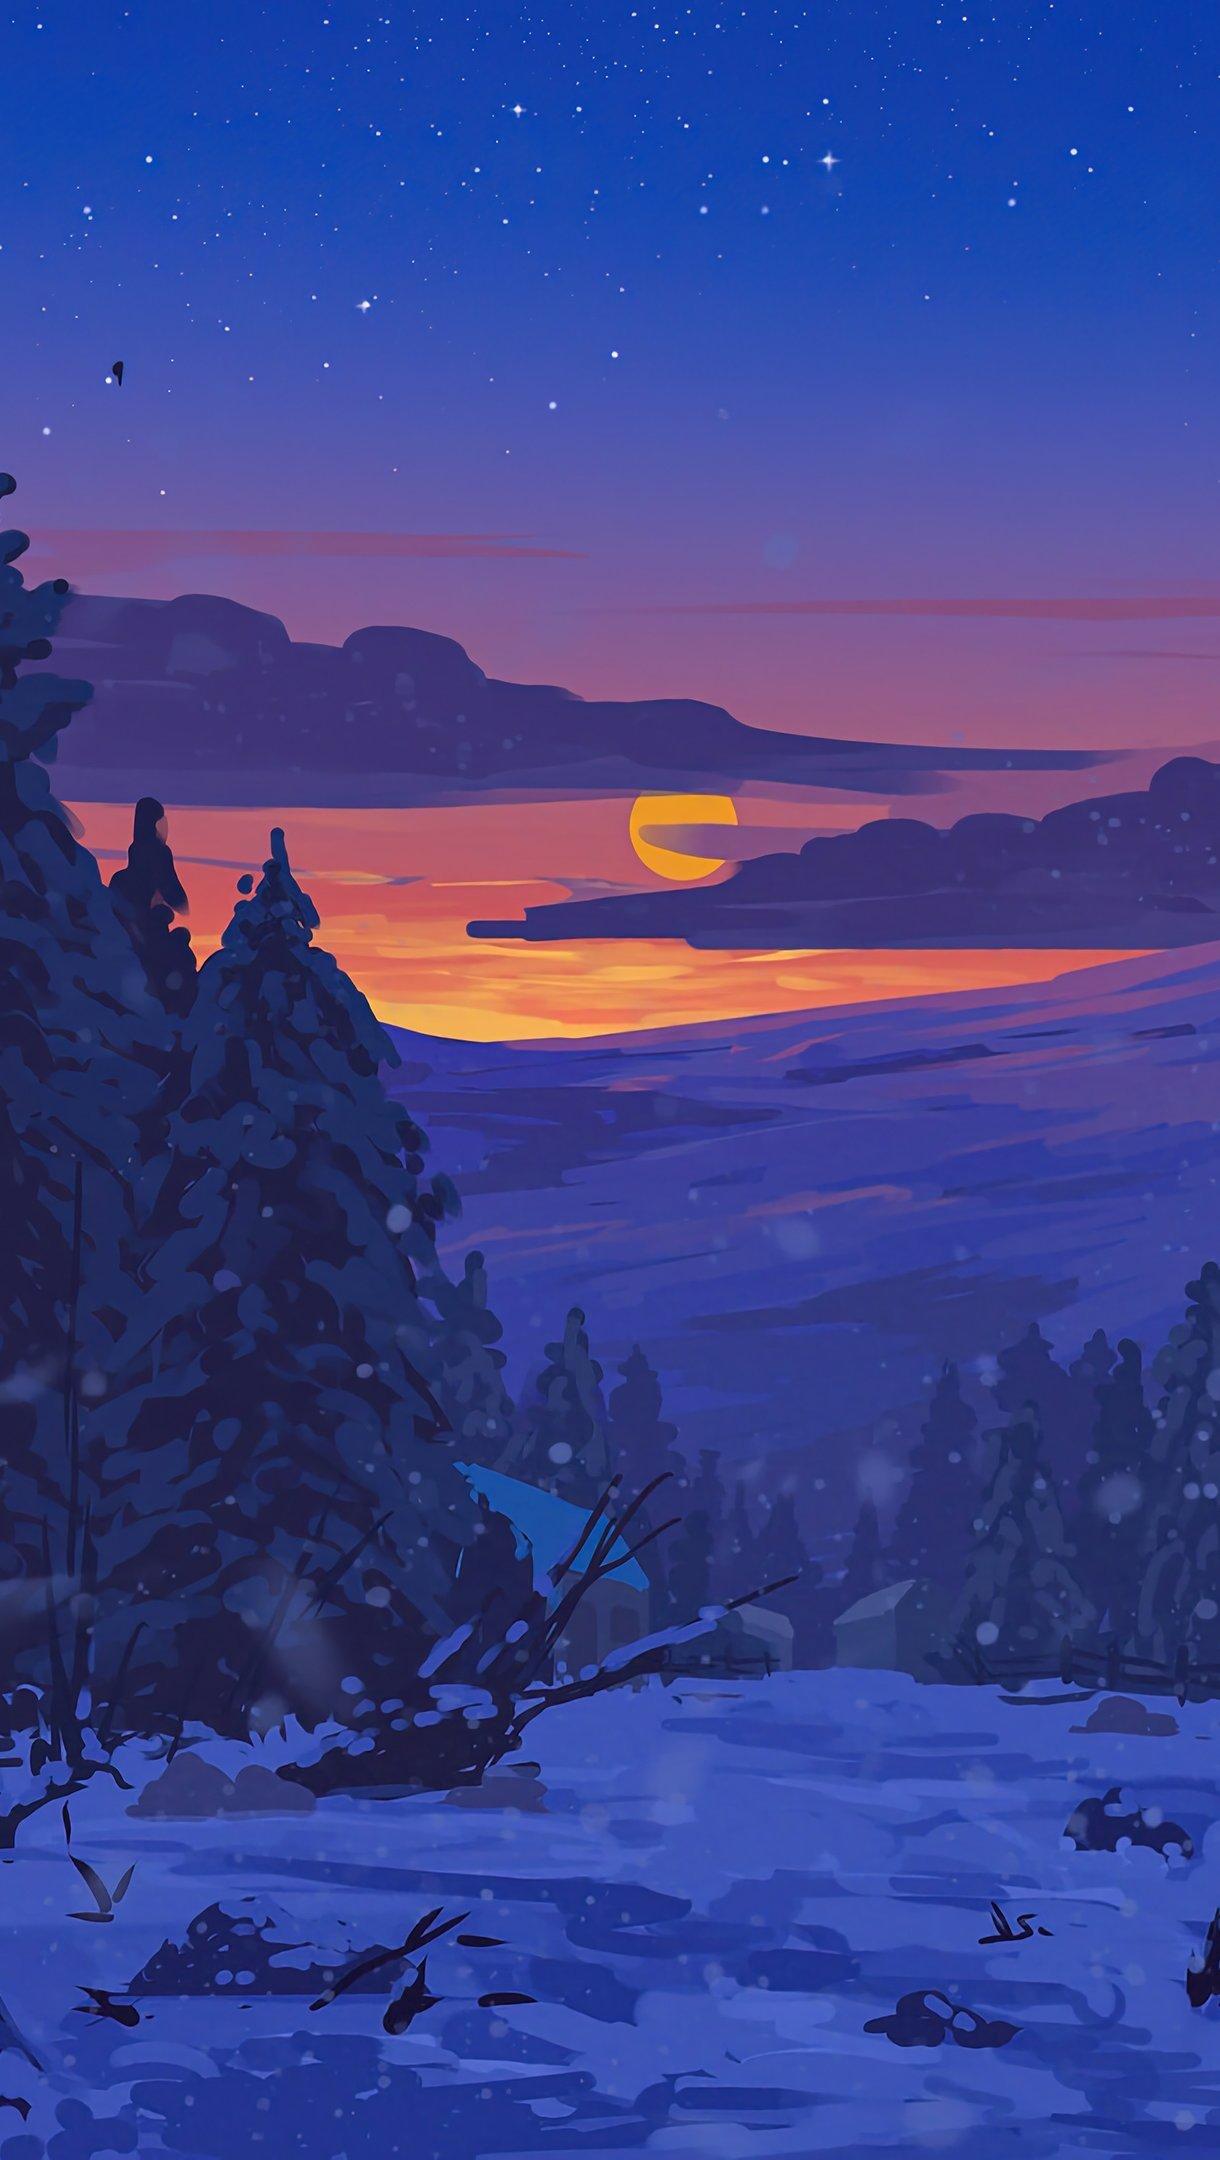 Fondos de pantalla Atardecer en paisaje nevado Arte Digital Vertical